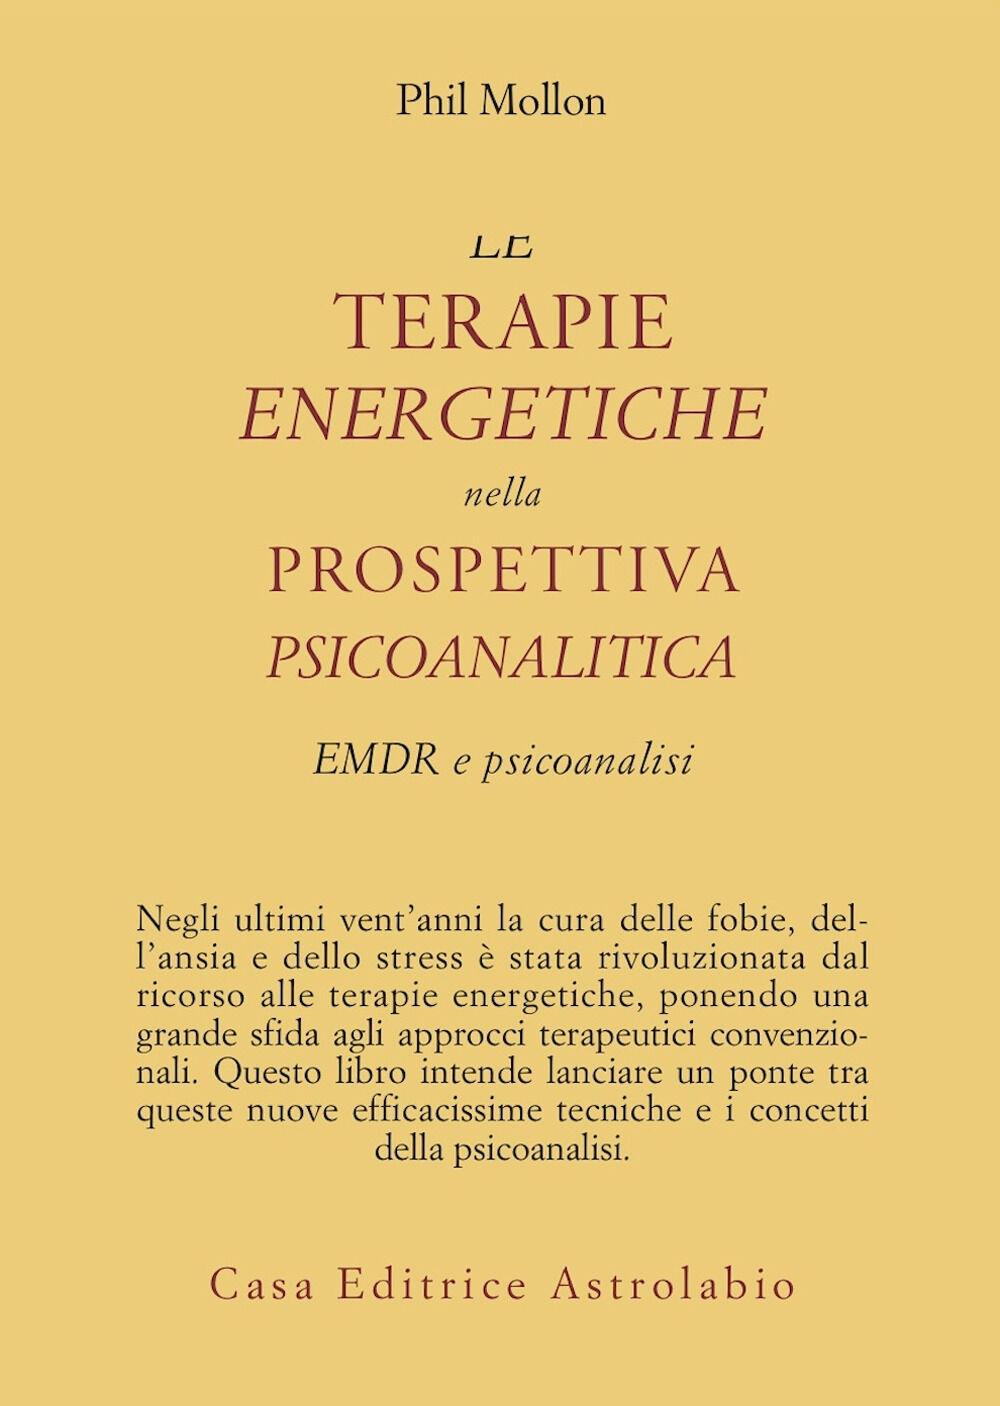 Le terapie energetiche nella prospettiva psicoanalitica. EMDR e psicoanalisi